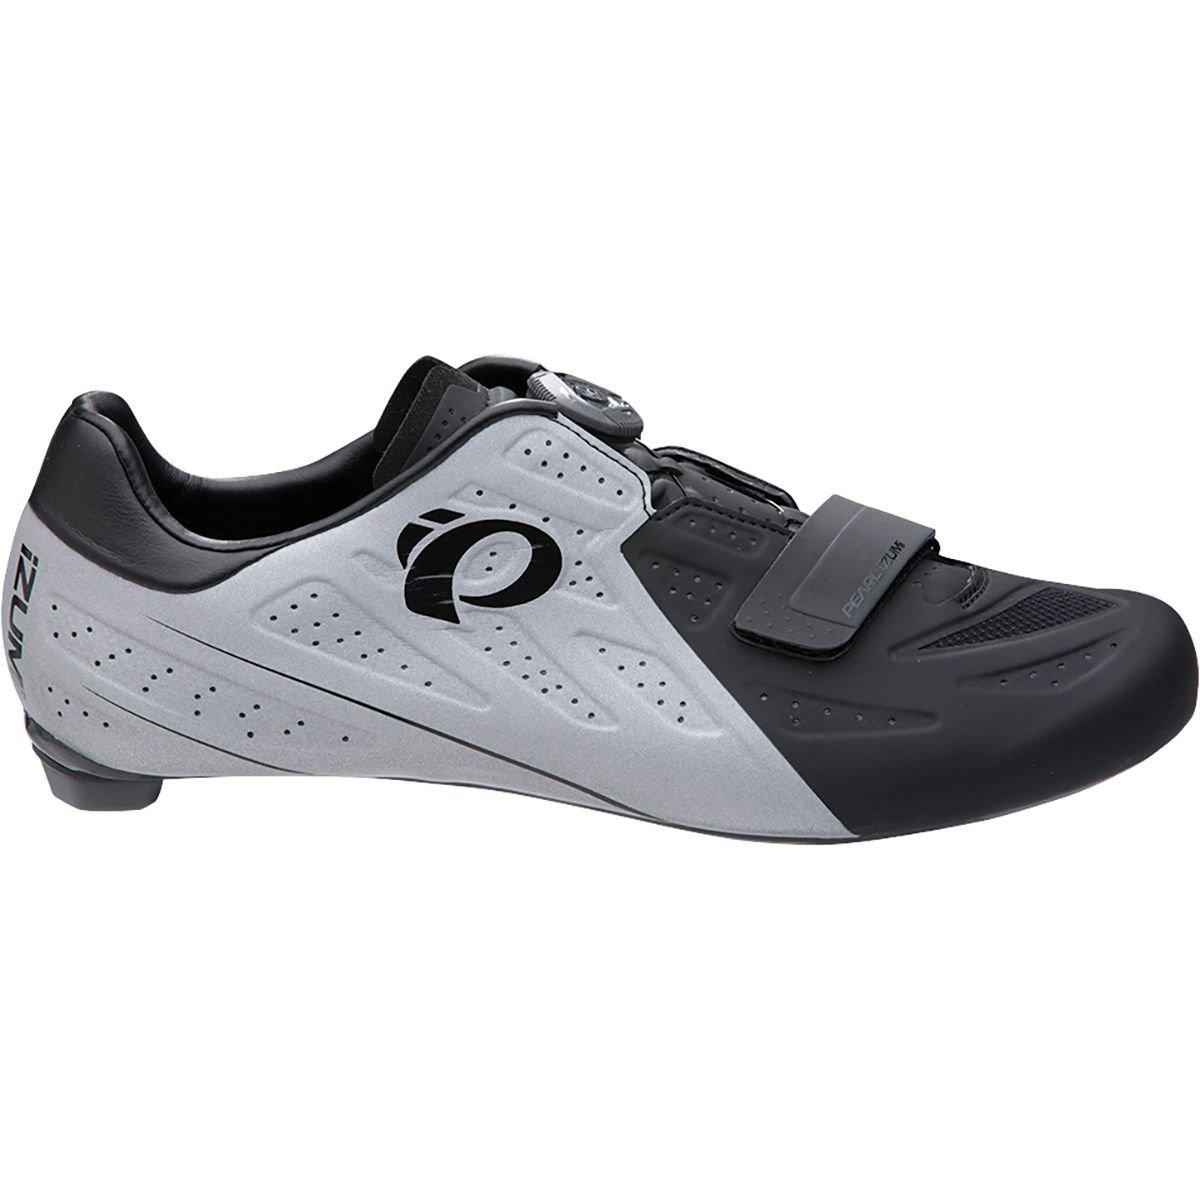 最新情報 (パールイズミ) B07G76B3QJ Pearl Reflective Izumi ELITE Road V5 日本サイズ Cycling Shoe メンズ ロードバイクシューズBlack/Silver Reflective [並行輸入品] 日本サイズ 29cm (45) Black/Silver Reflective B07G76B3QJ, エフ スリーズィー:86a55b7d --- by.specpricep.ru